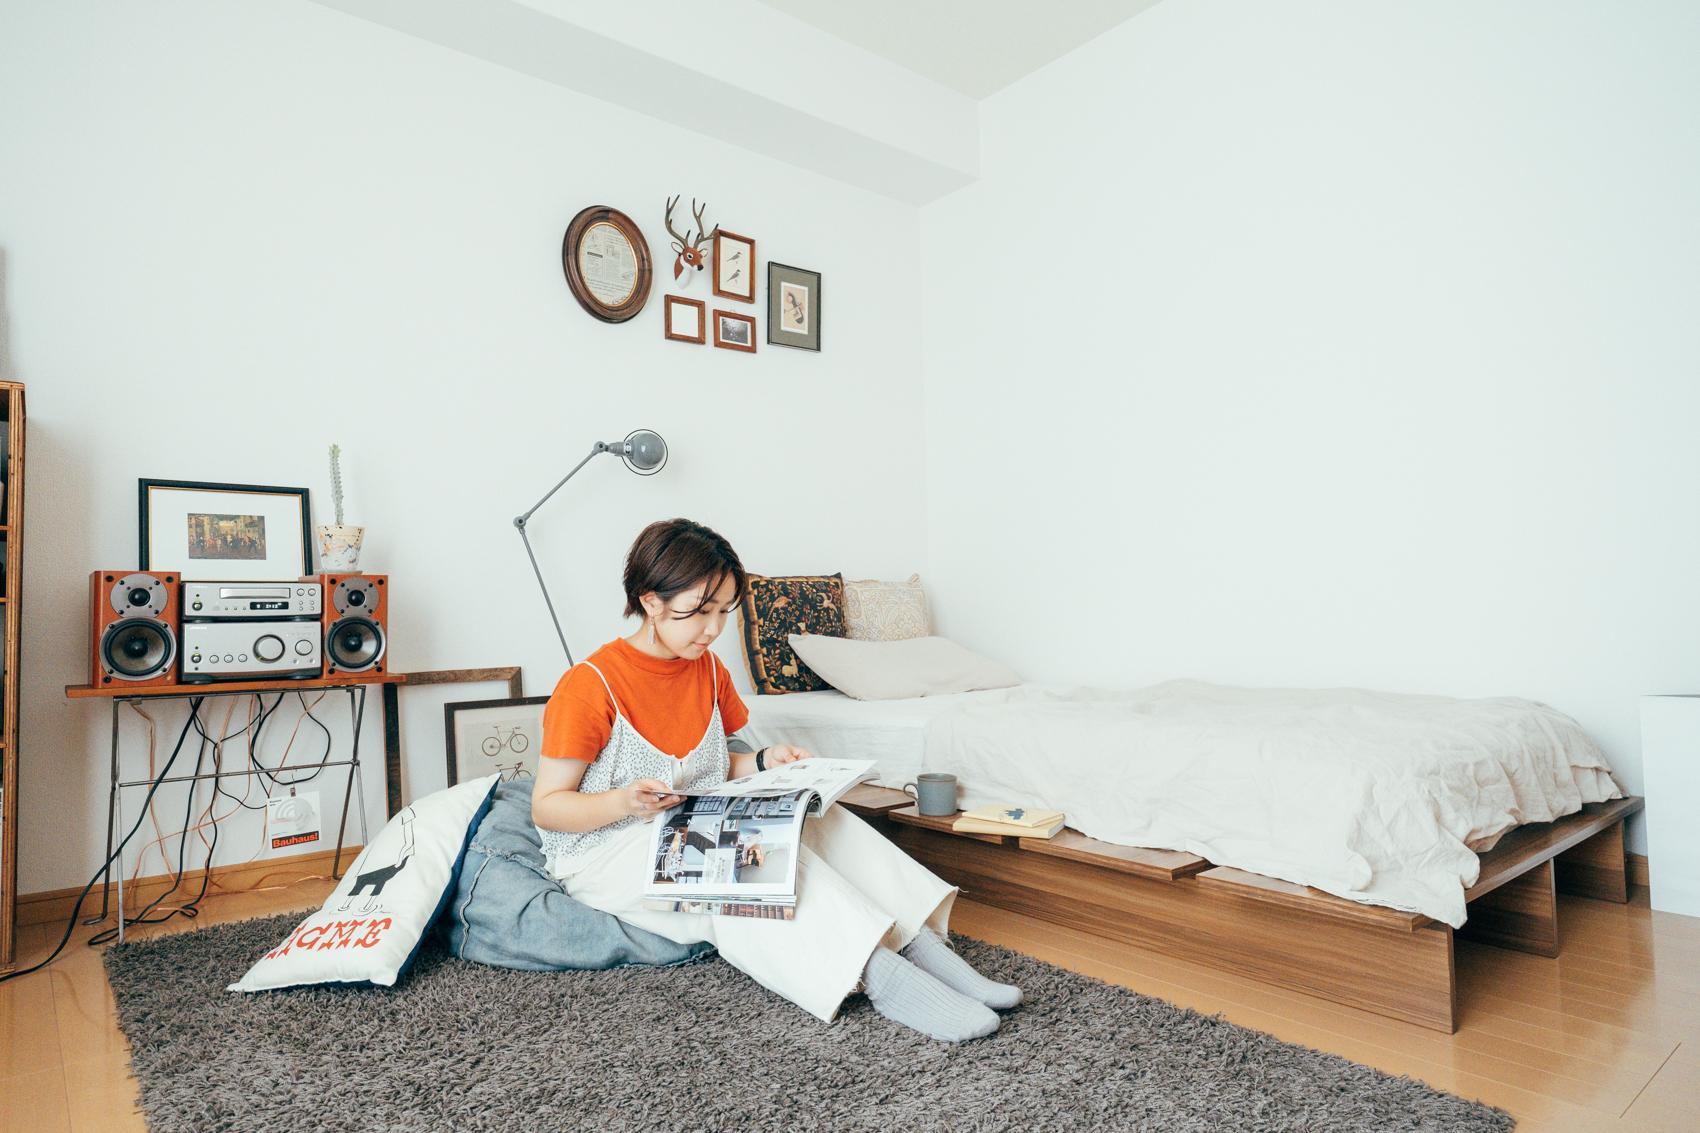 「長方形の部屋だとベッドなどの大きめの家具の置き場所を制限されるので、正方形の部屋の方が家具の配置の自由度が上がり、模様替え好きには向いていると思います。部屋内覧の後はスケッチで簡単にどうレイアウトしようかと考えたりもしましたね。」